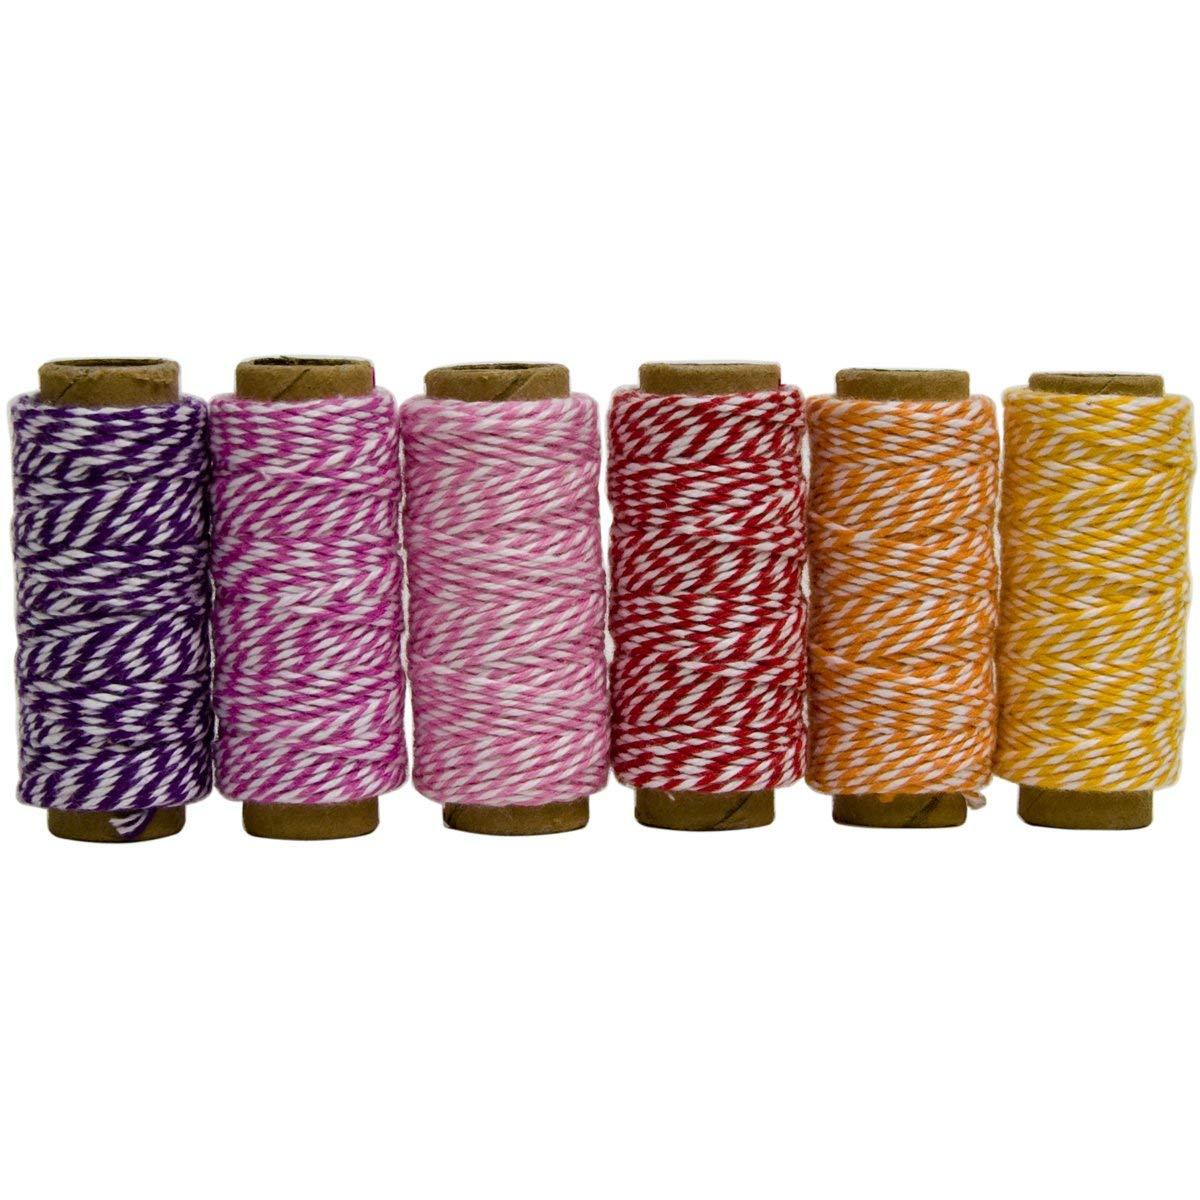 Hemptique Cotton Max 81% OFF Bakers Twine Mini Spool Bag Spr Pkg Set 6 2 Ply Super intense SALE